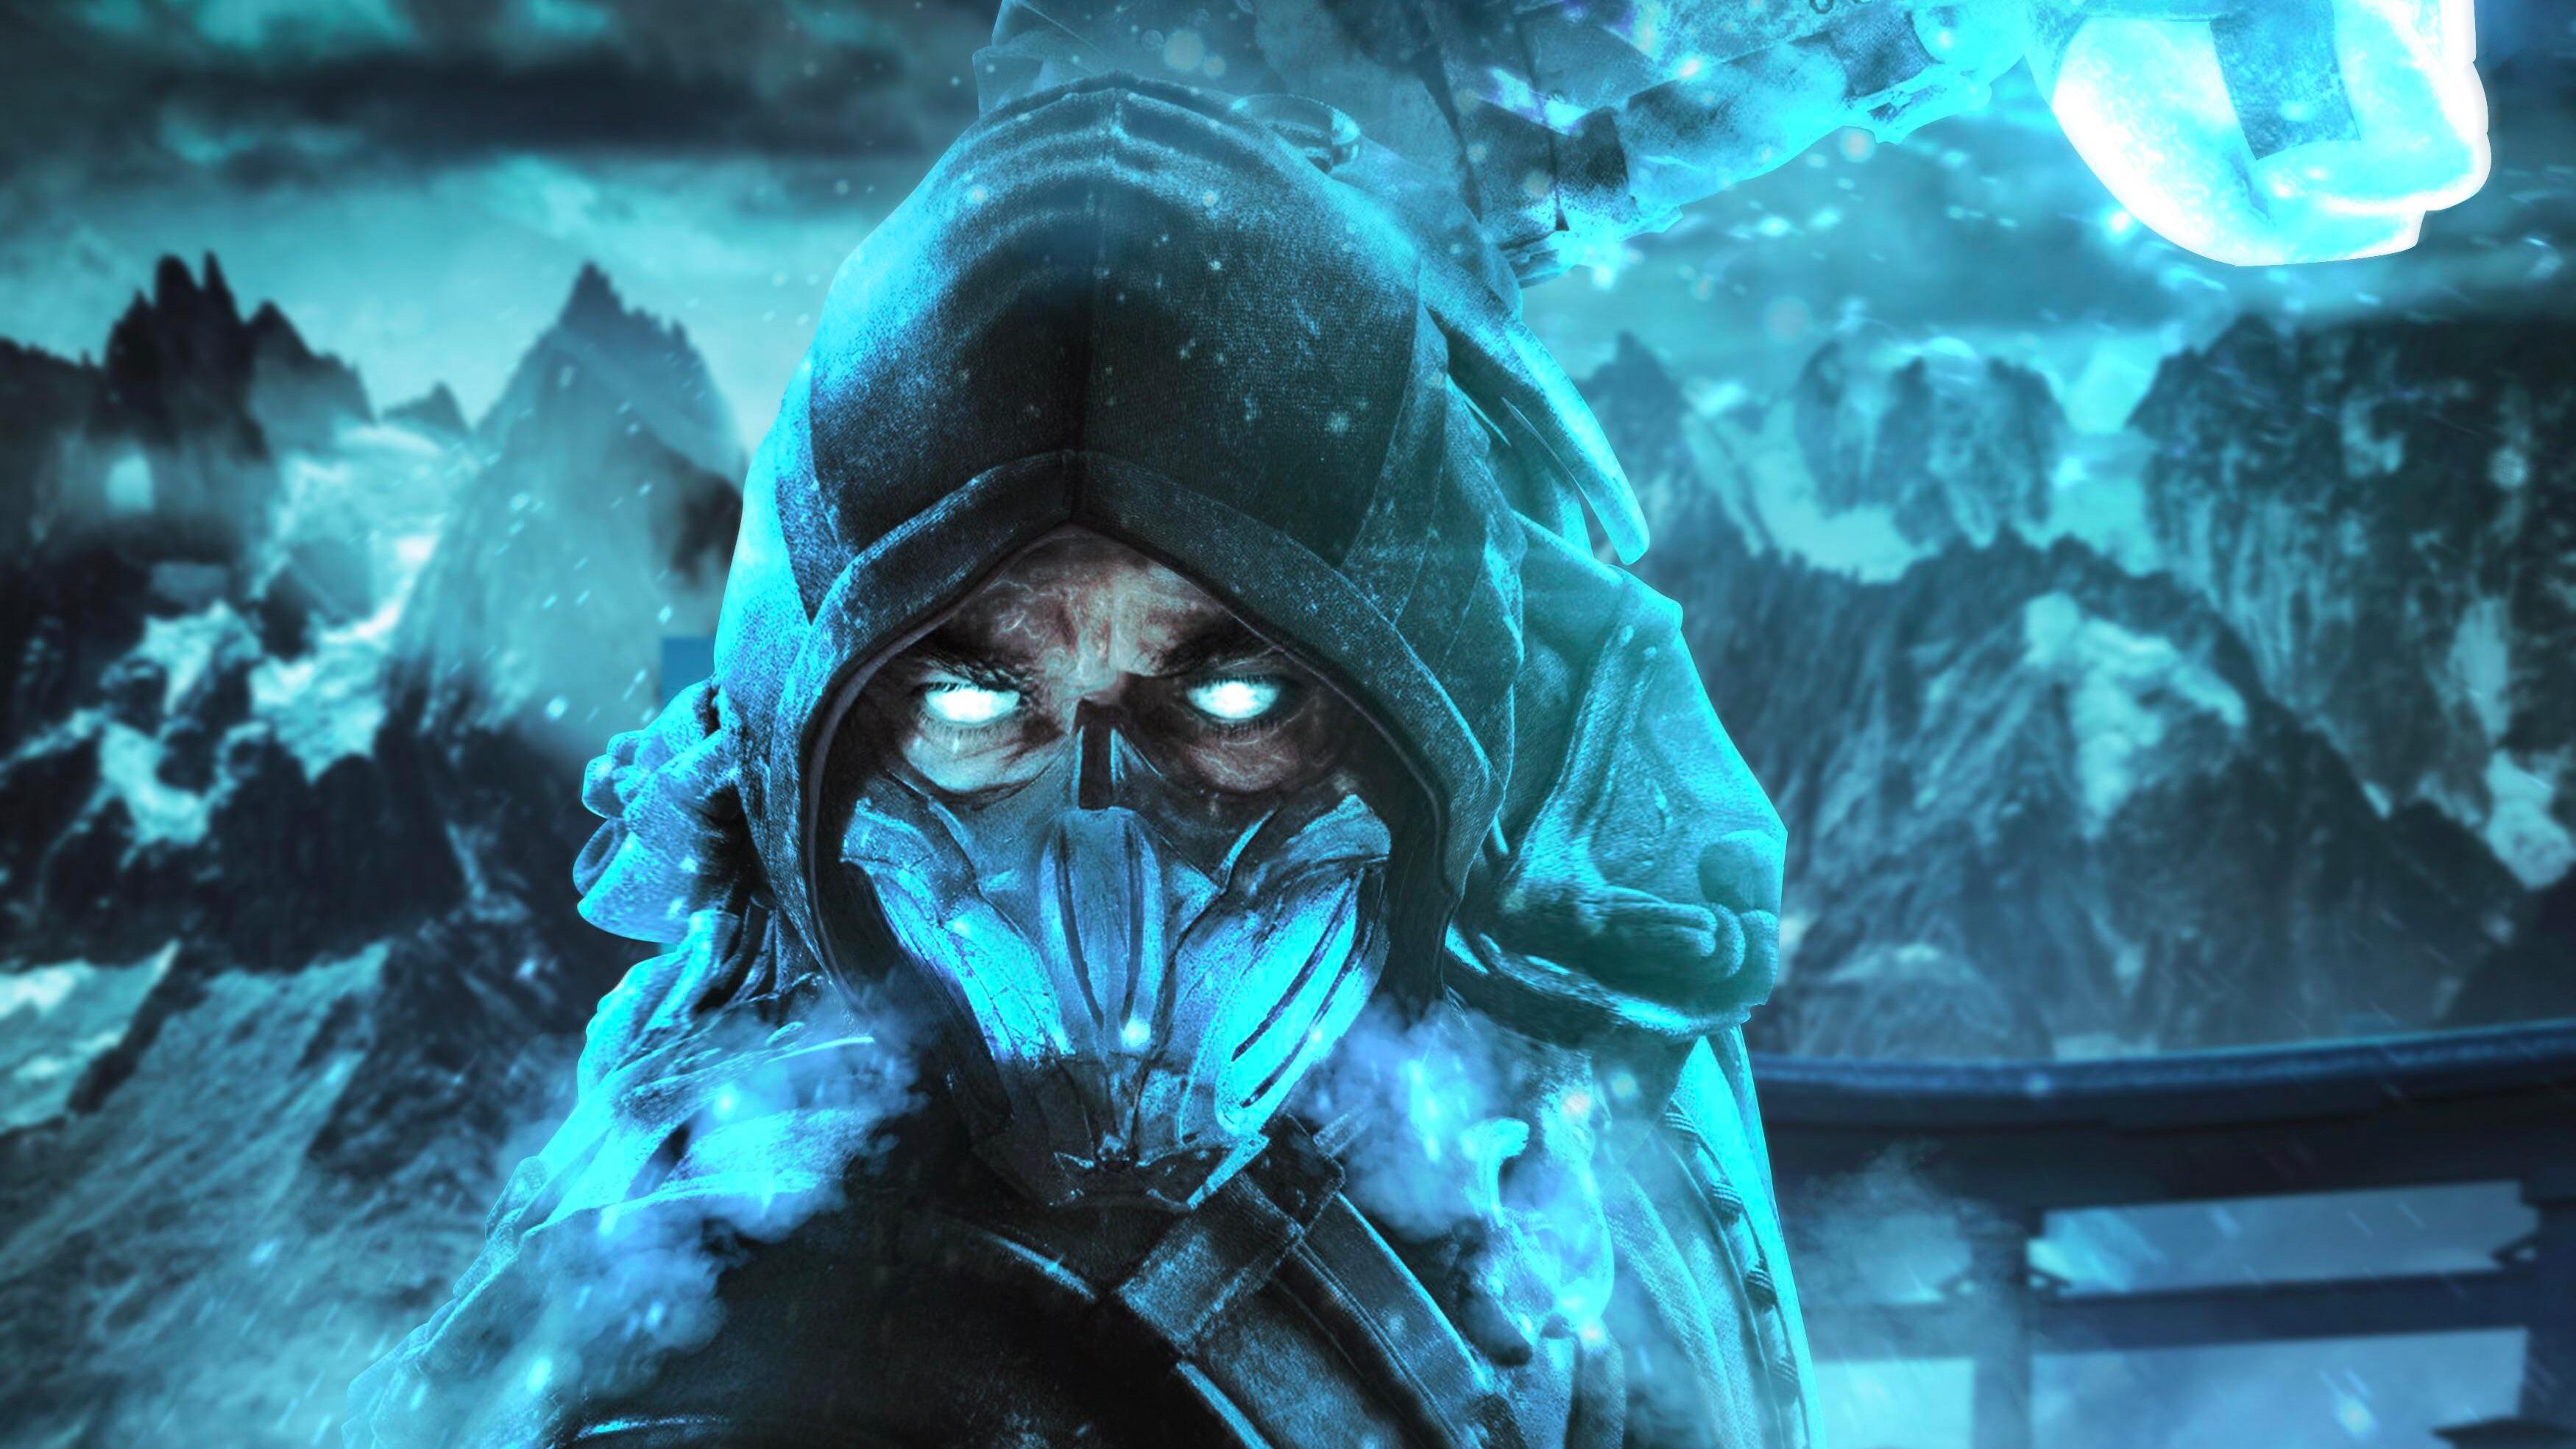 1366x768 mortal kombat sub zero fan art 1366x768 - Mortal kombat 11 wallpaper ...